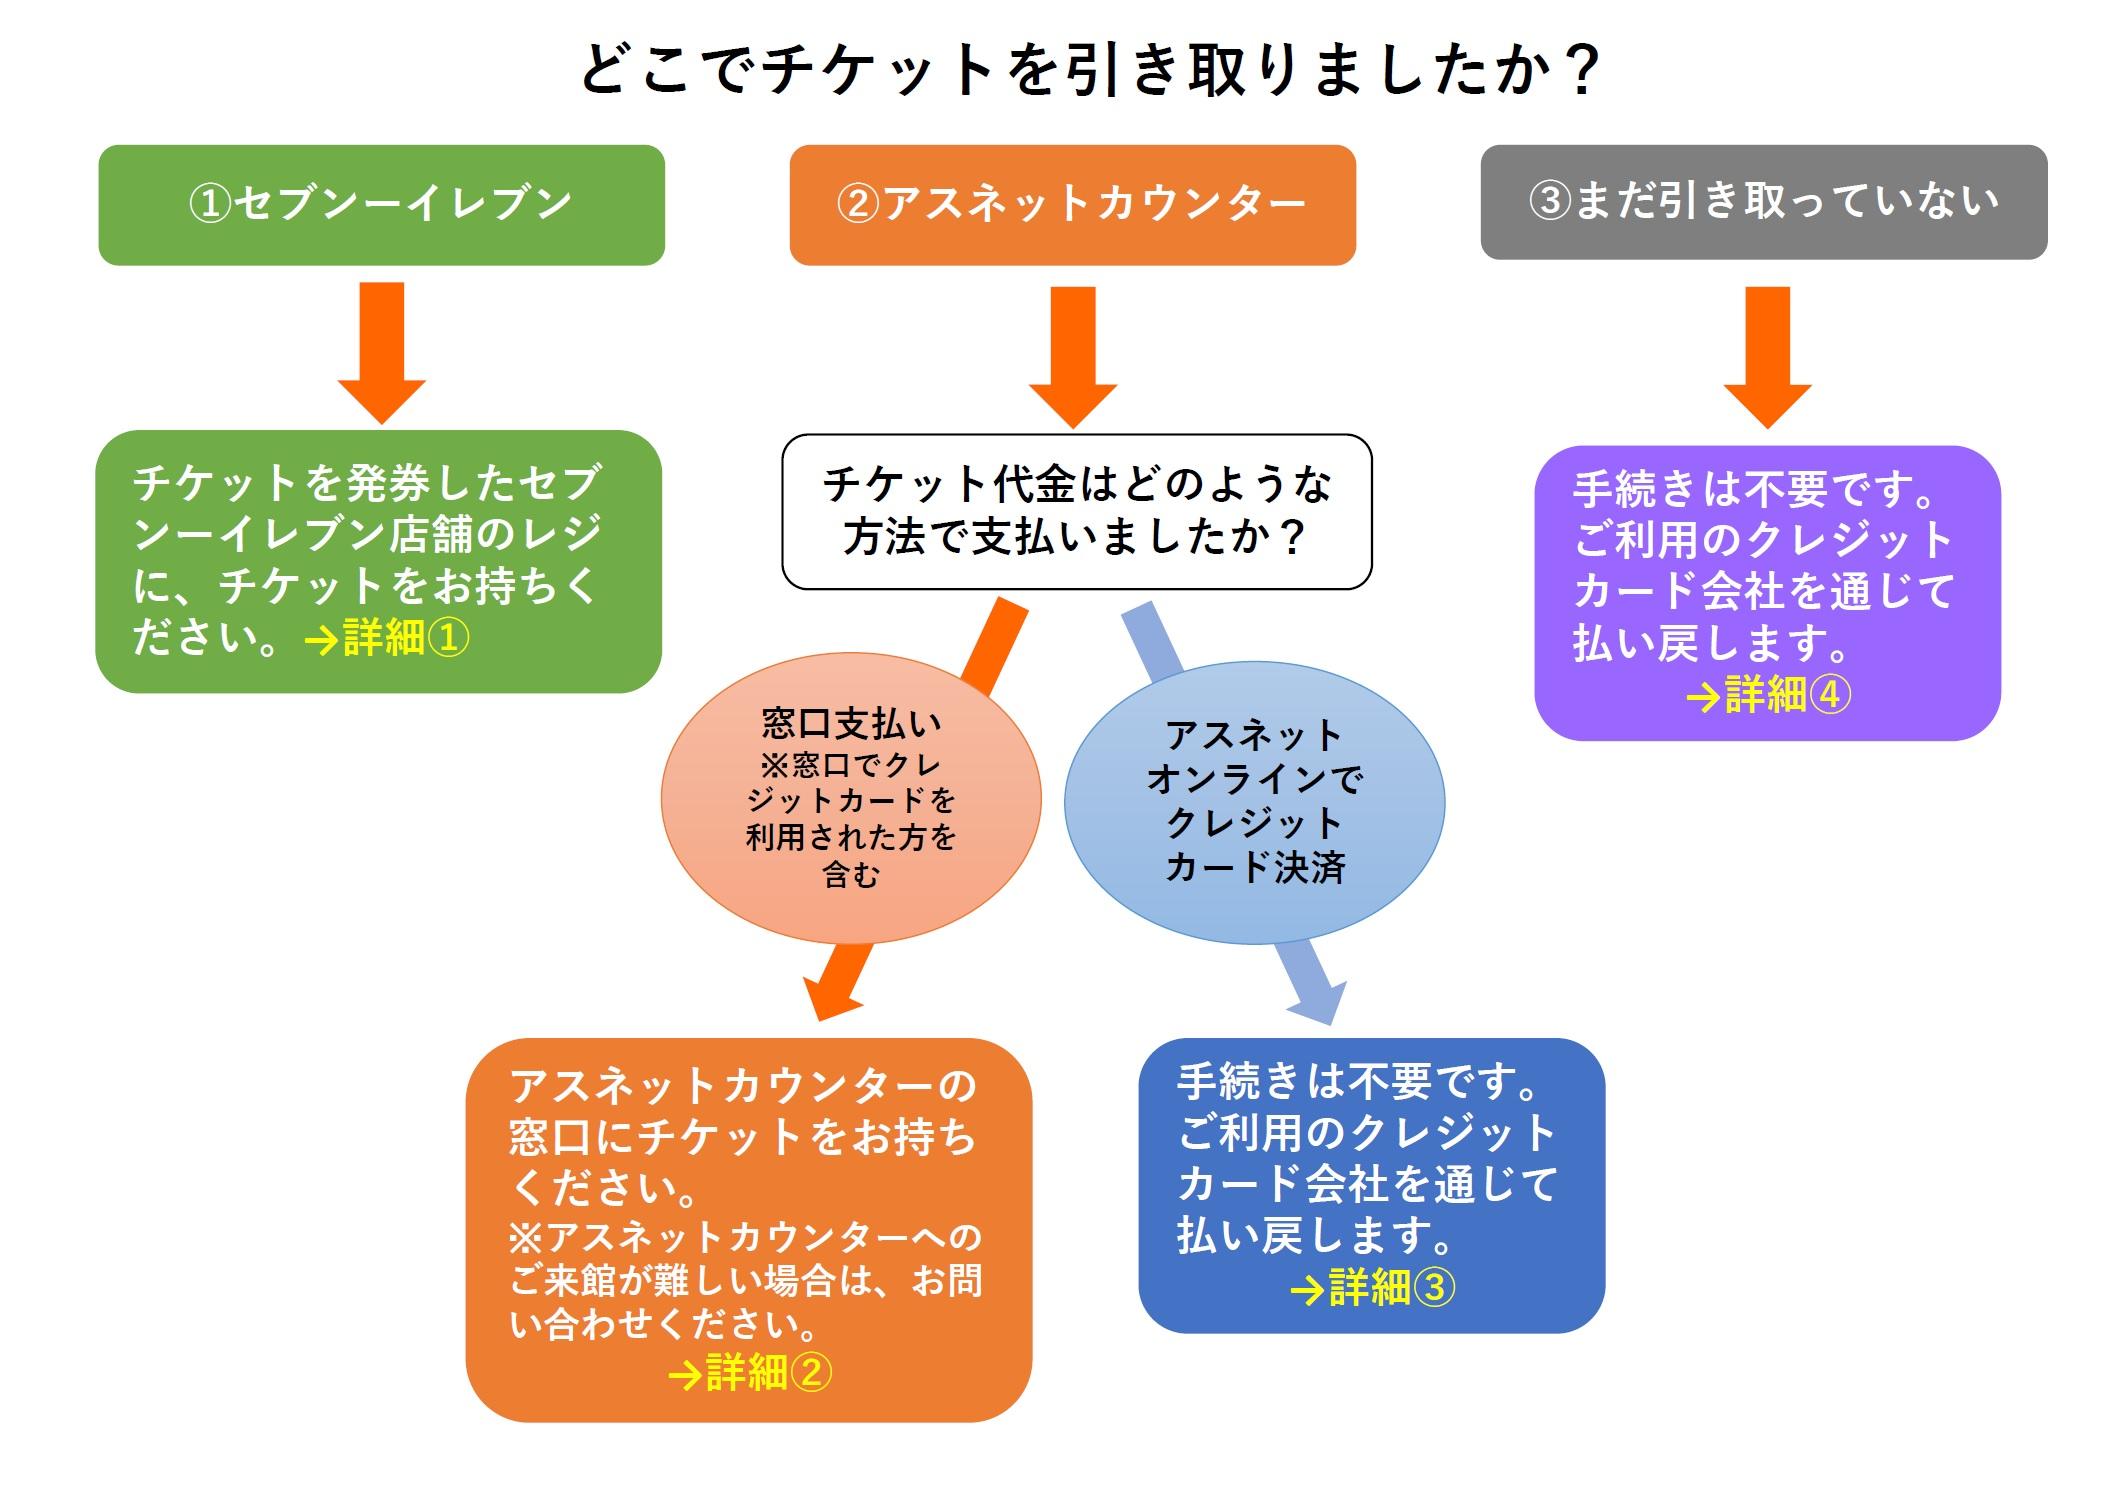 チケット 宝塚 宝塚 宙組のチケット一覧│チケット流通センター